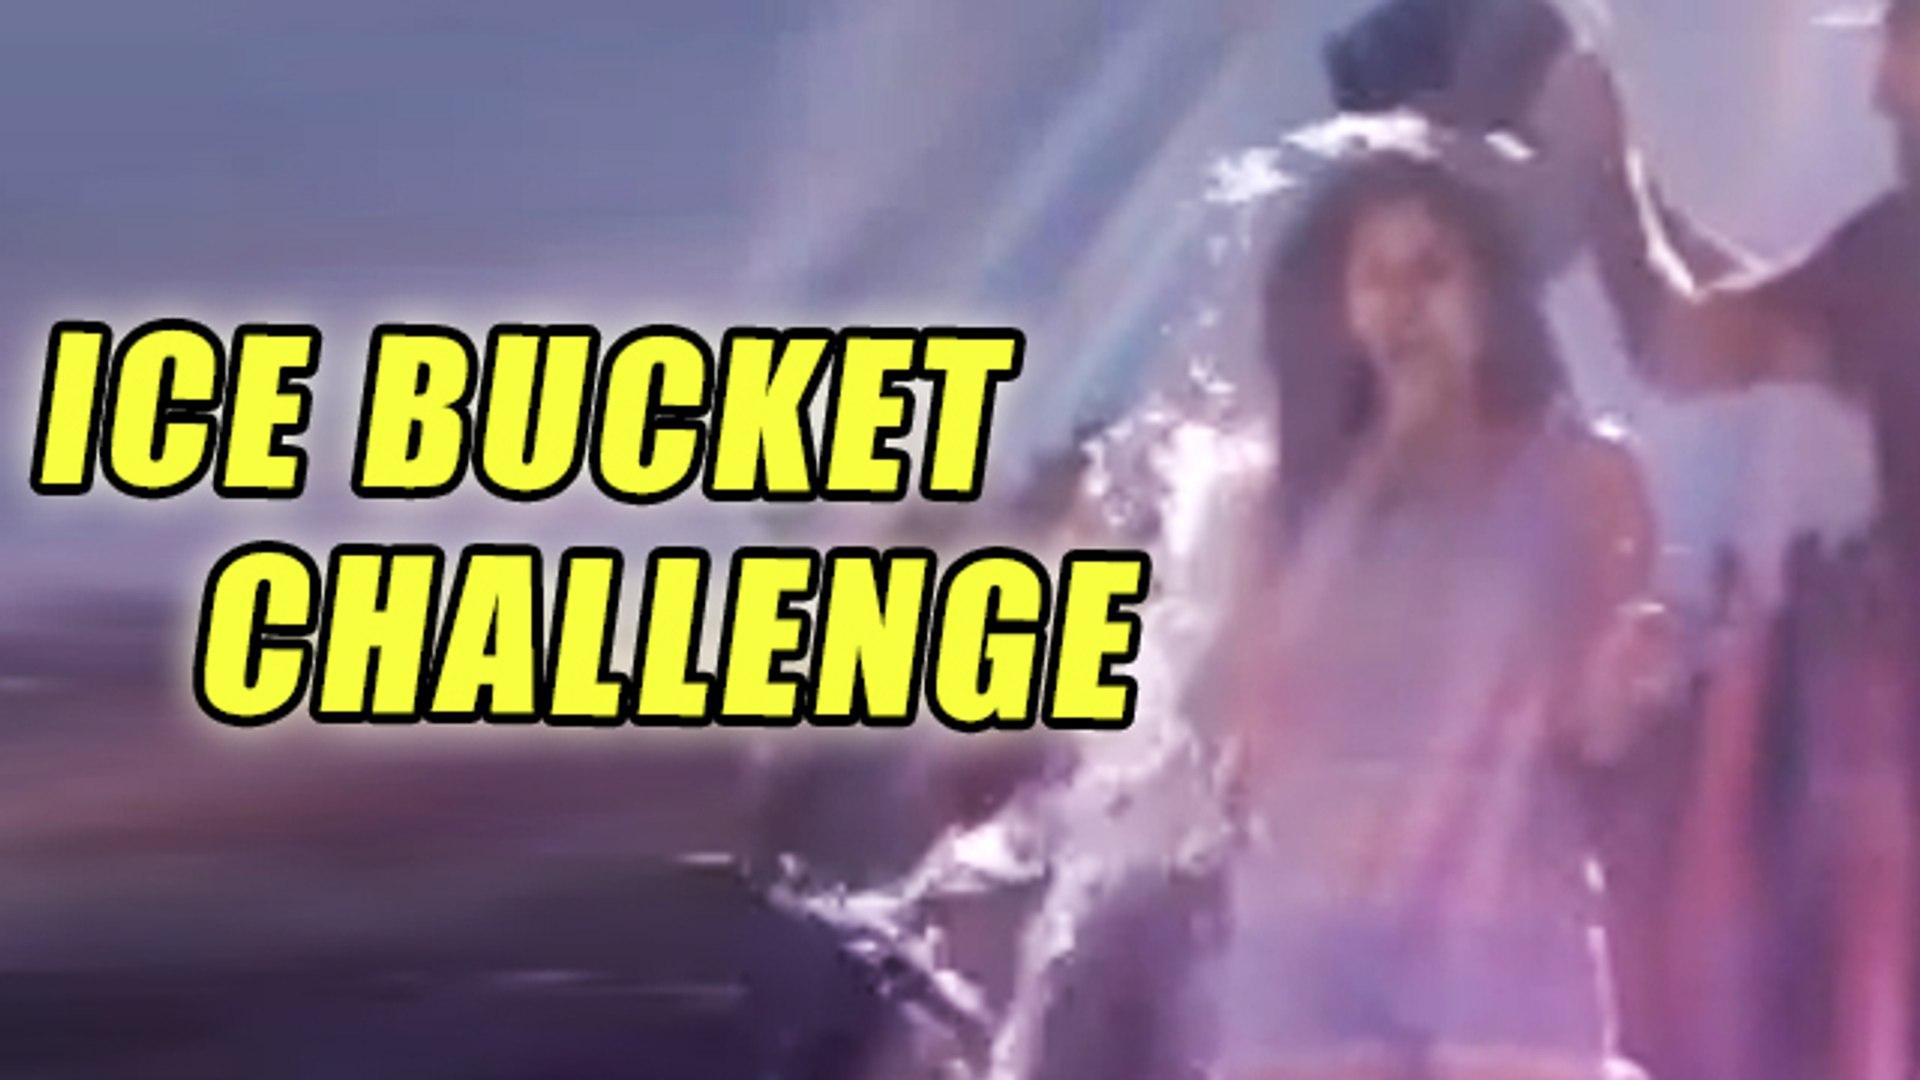 Sunny Leone's SEXY ICE BUCKET CHALLENGE